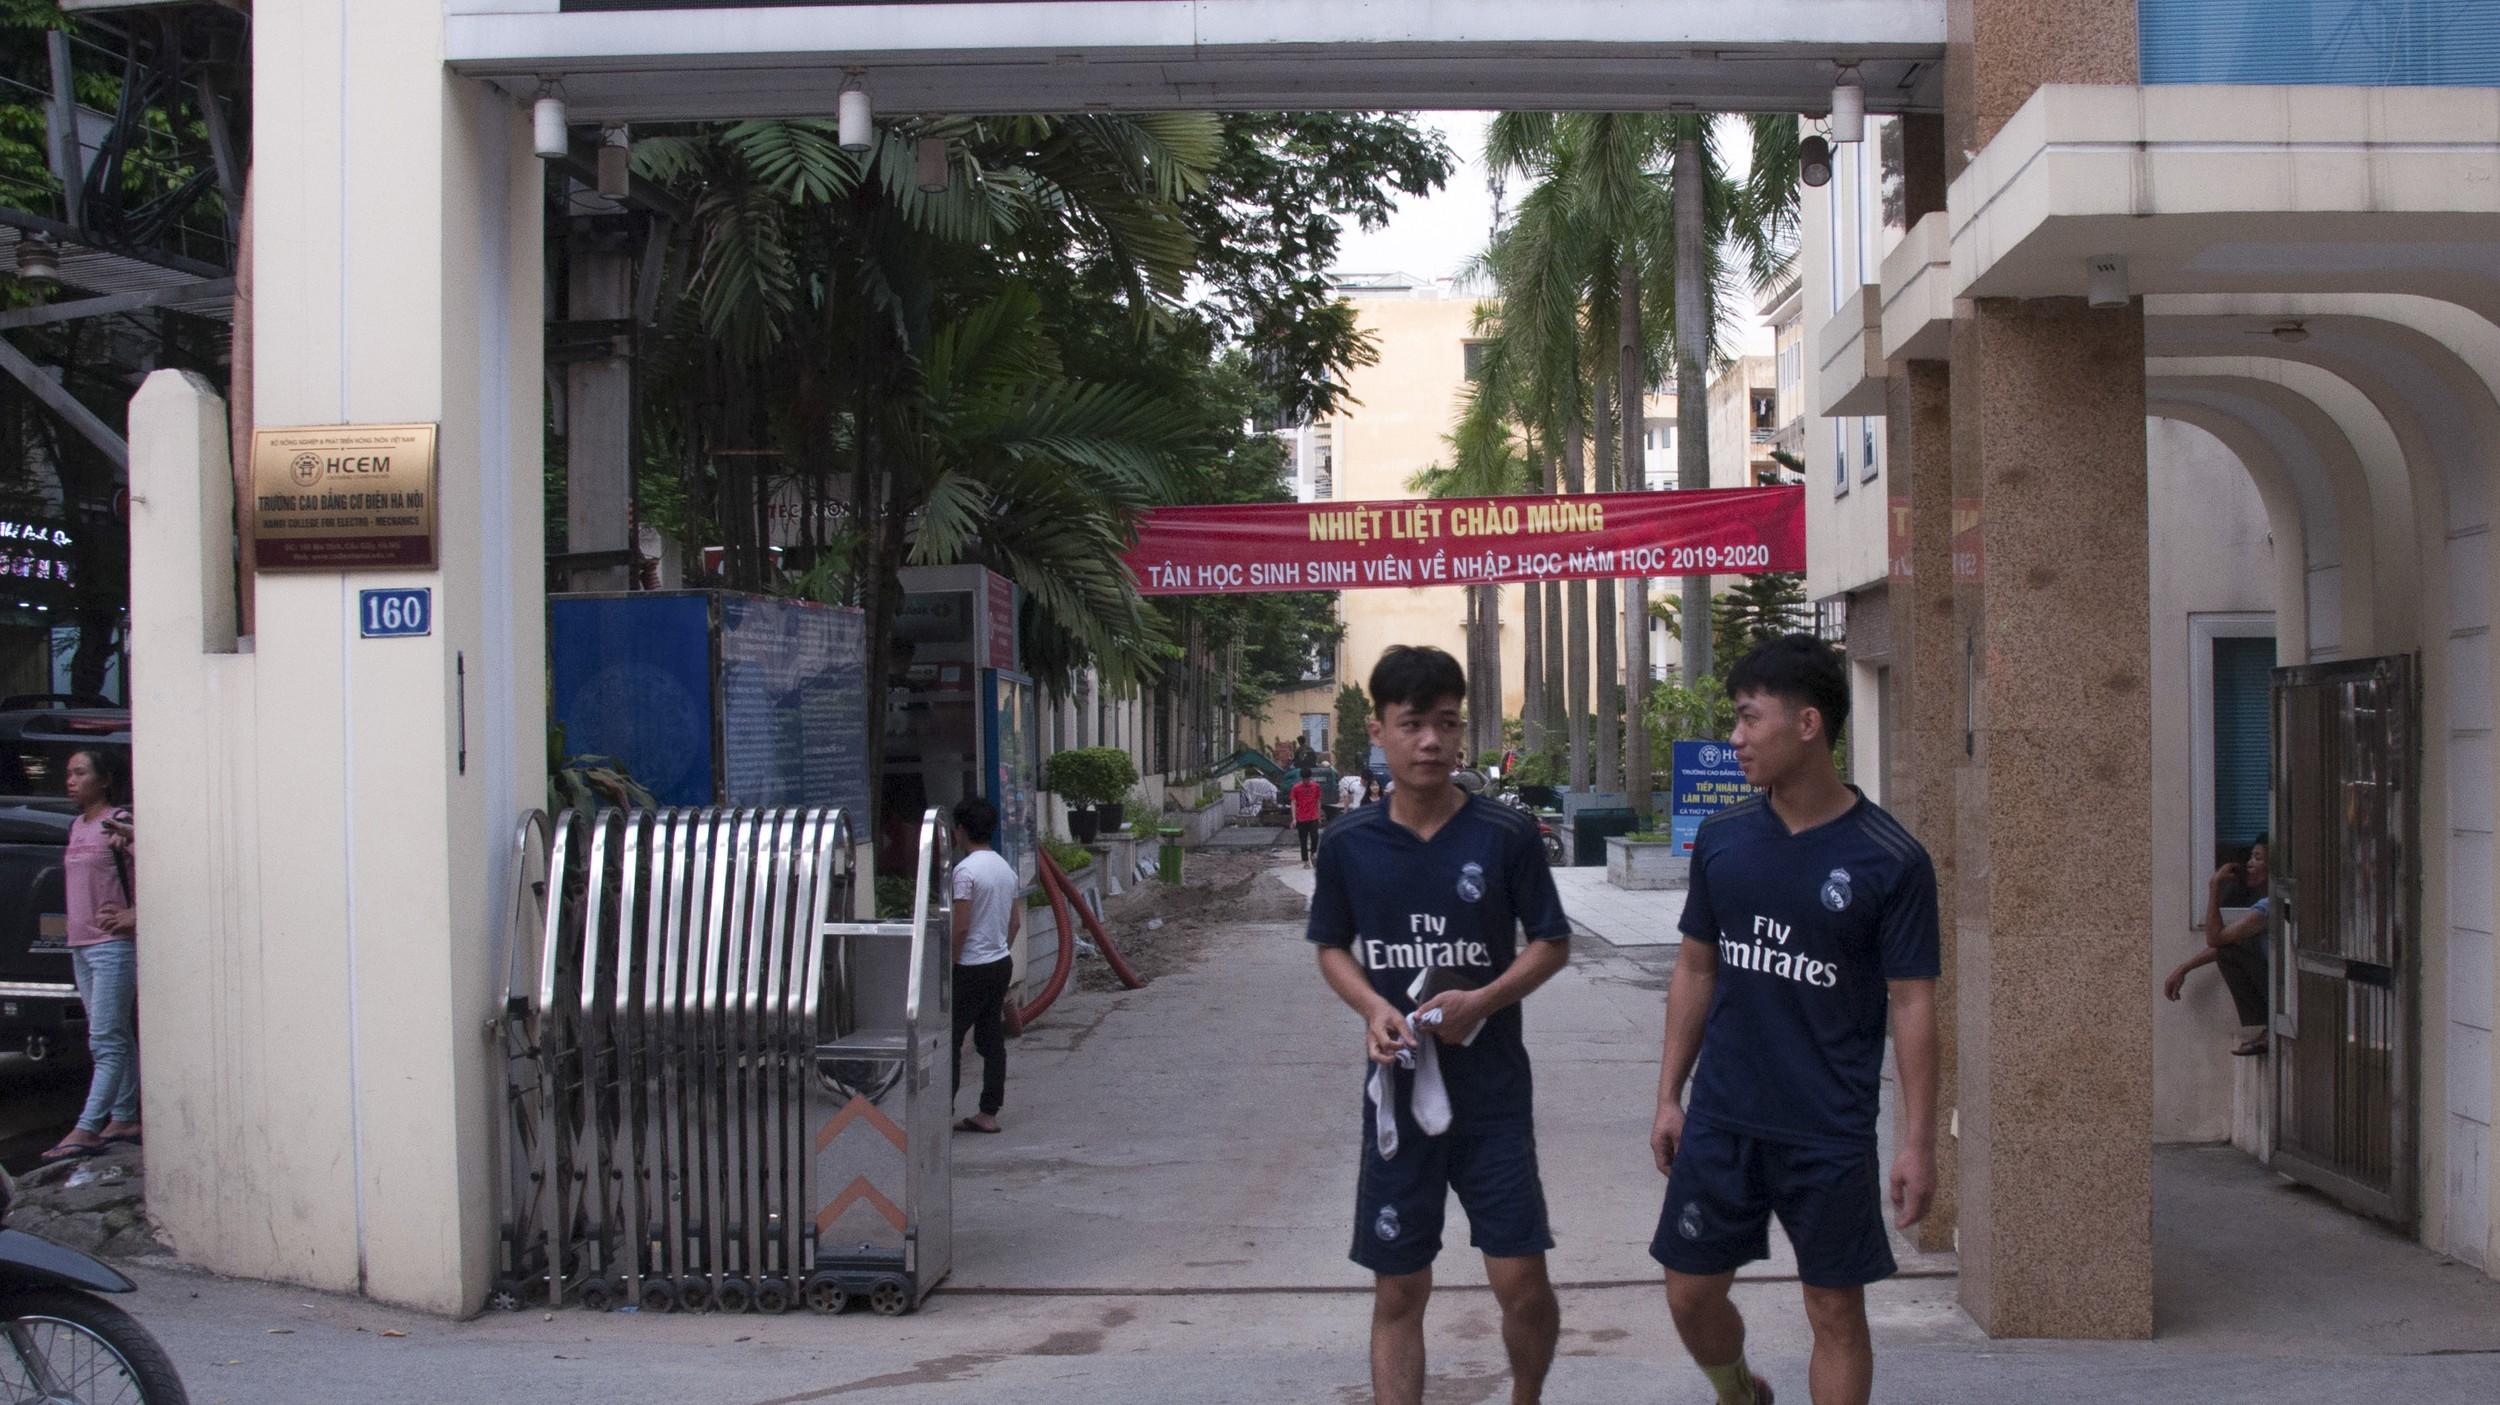 图说:日本2019年修法正式引进外籍劳工后,愈来愈多日本中介赴越南找当地中介合作,开设移工的训练中心。图为一所与日本、越南中介合作的技职学校。(摄影/简永达)